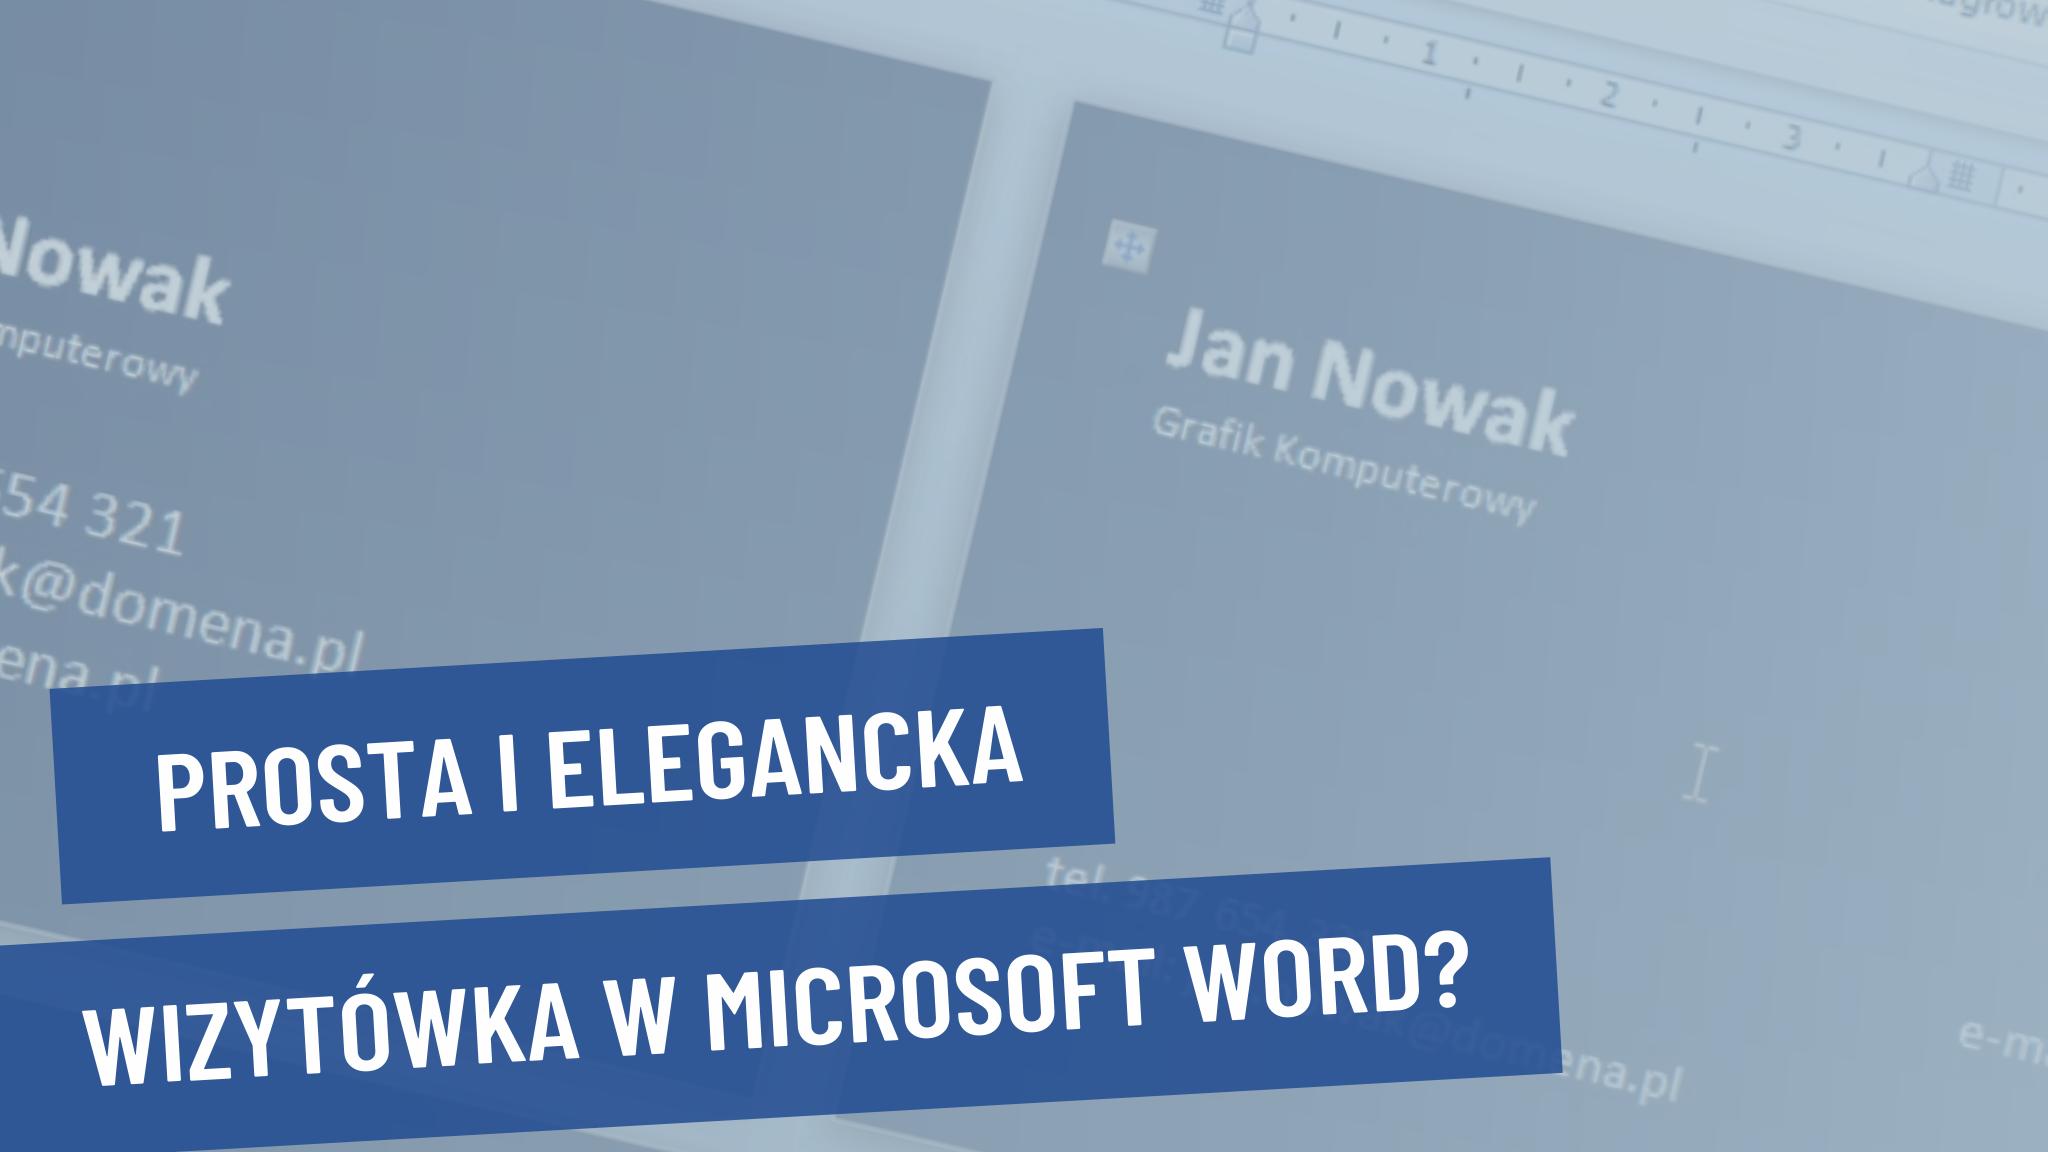 Jak zaprojektować wizytówkę? Projekt wizytówki w Microsoft Word.